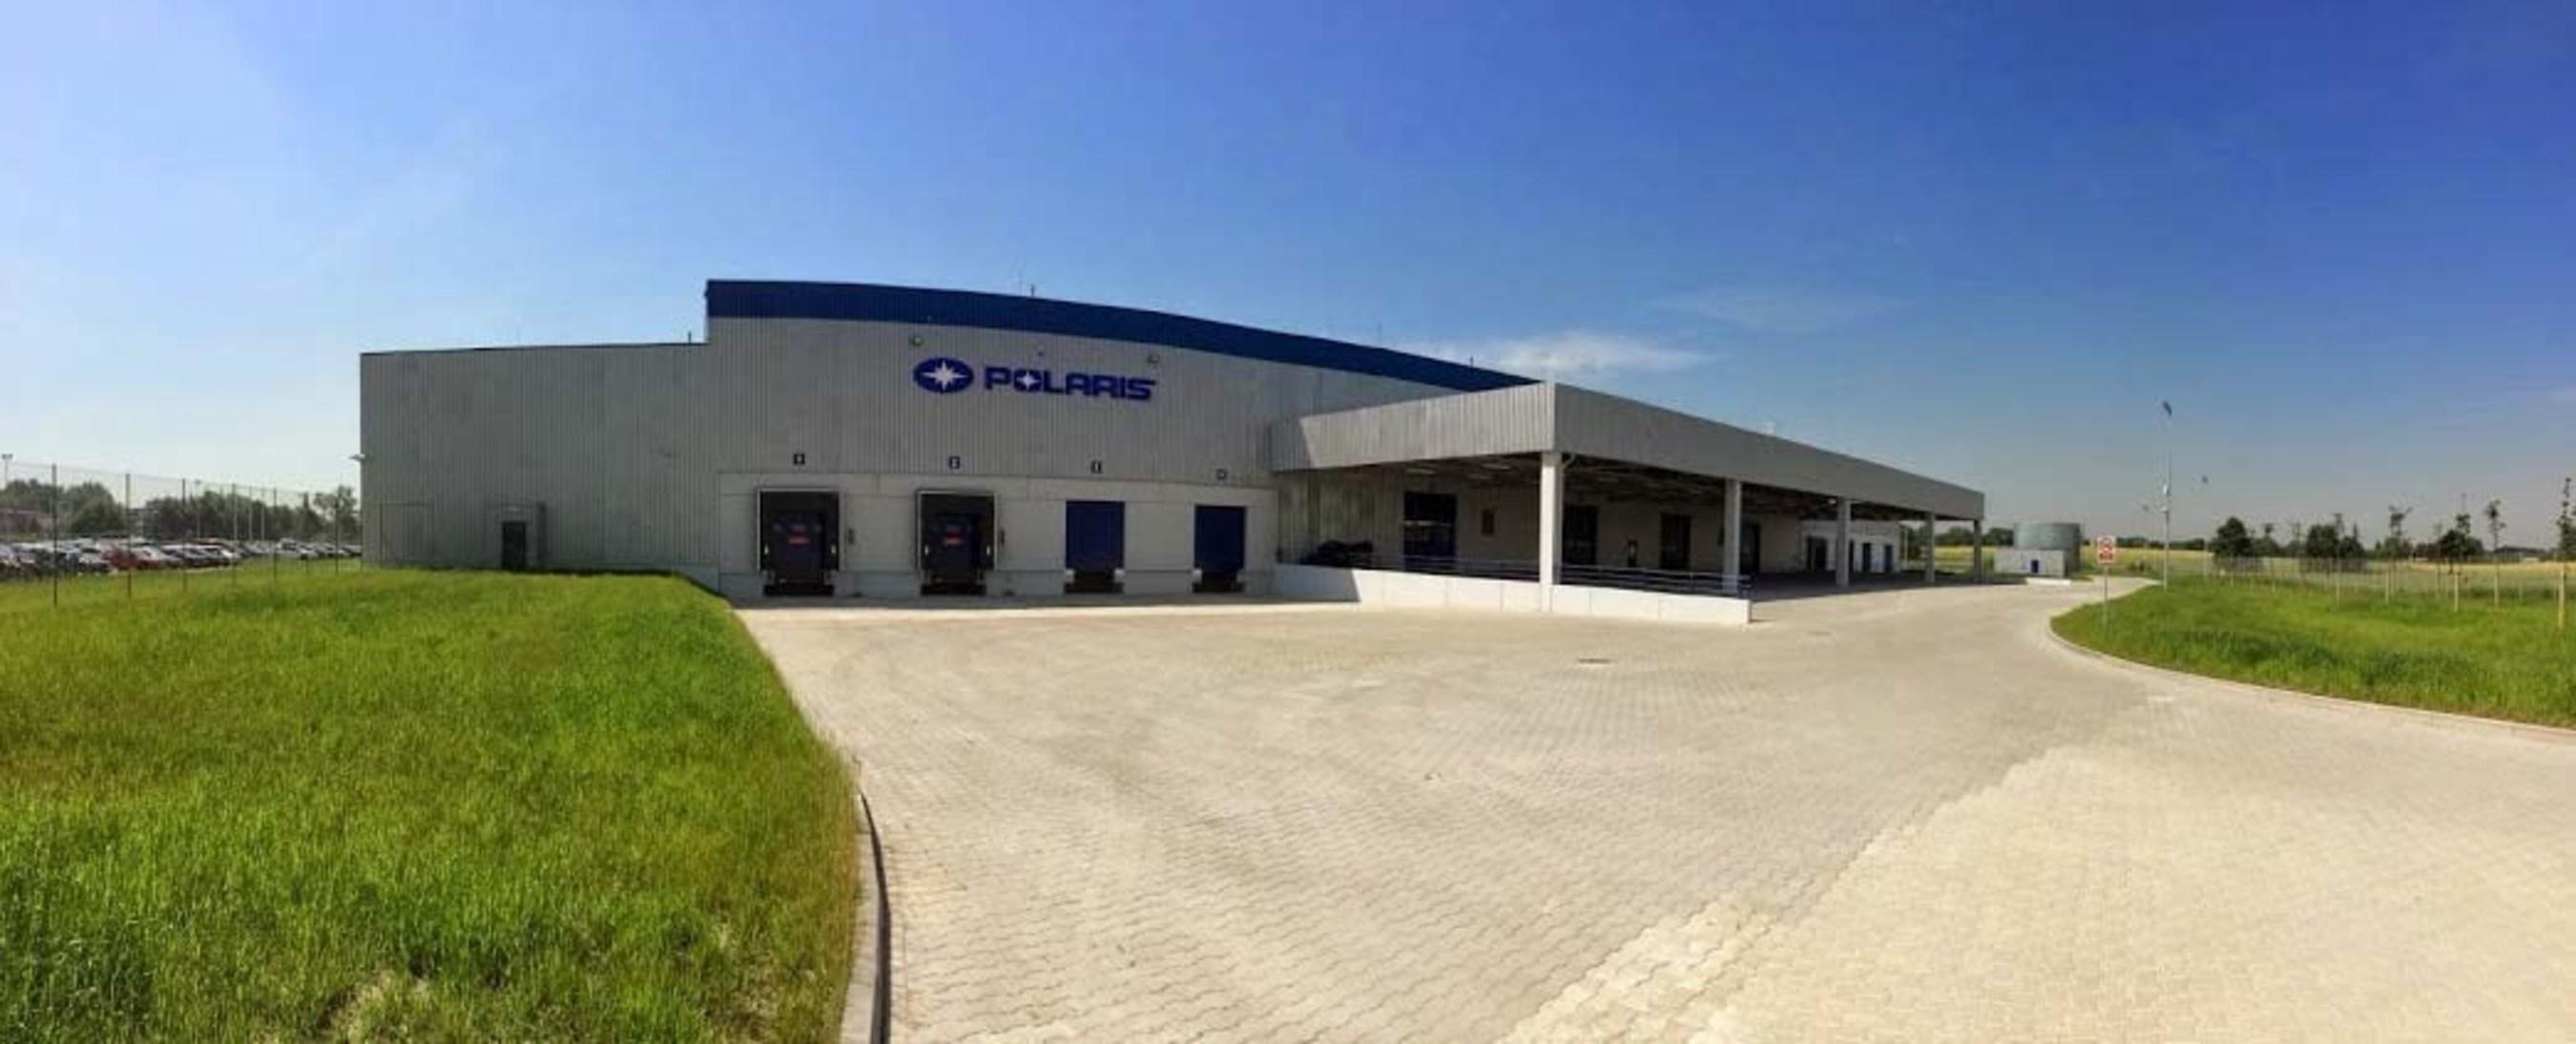 w p carey inc acquires 295 million lightindustrial